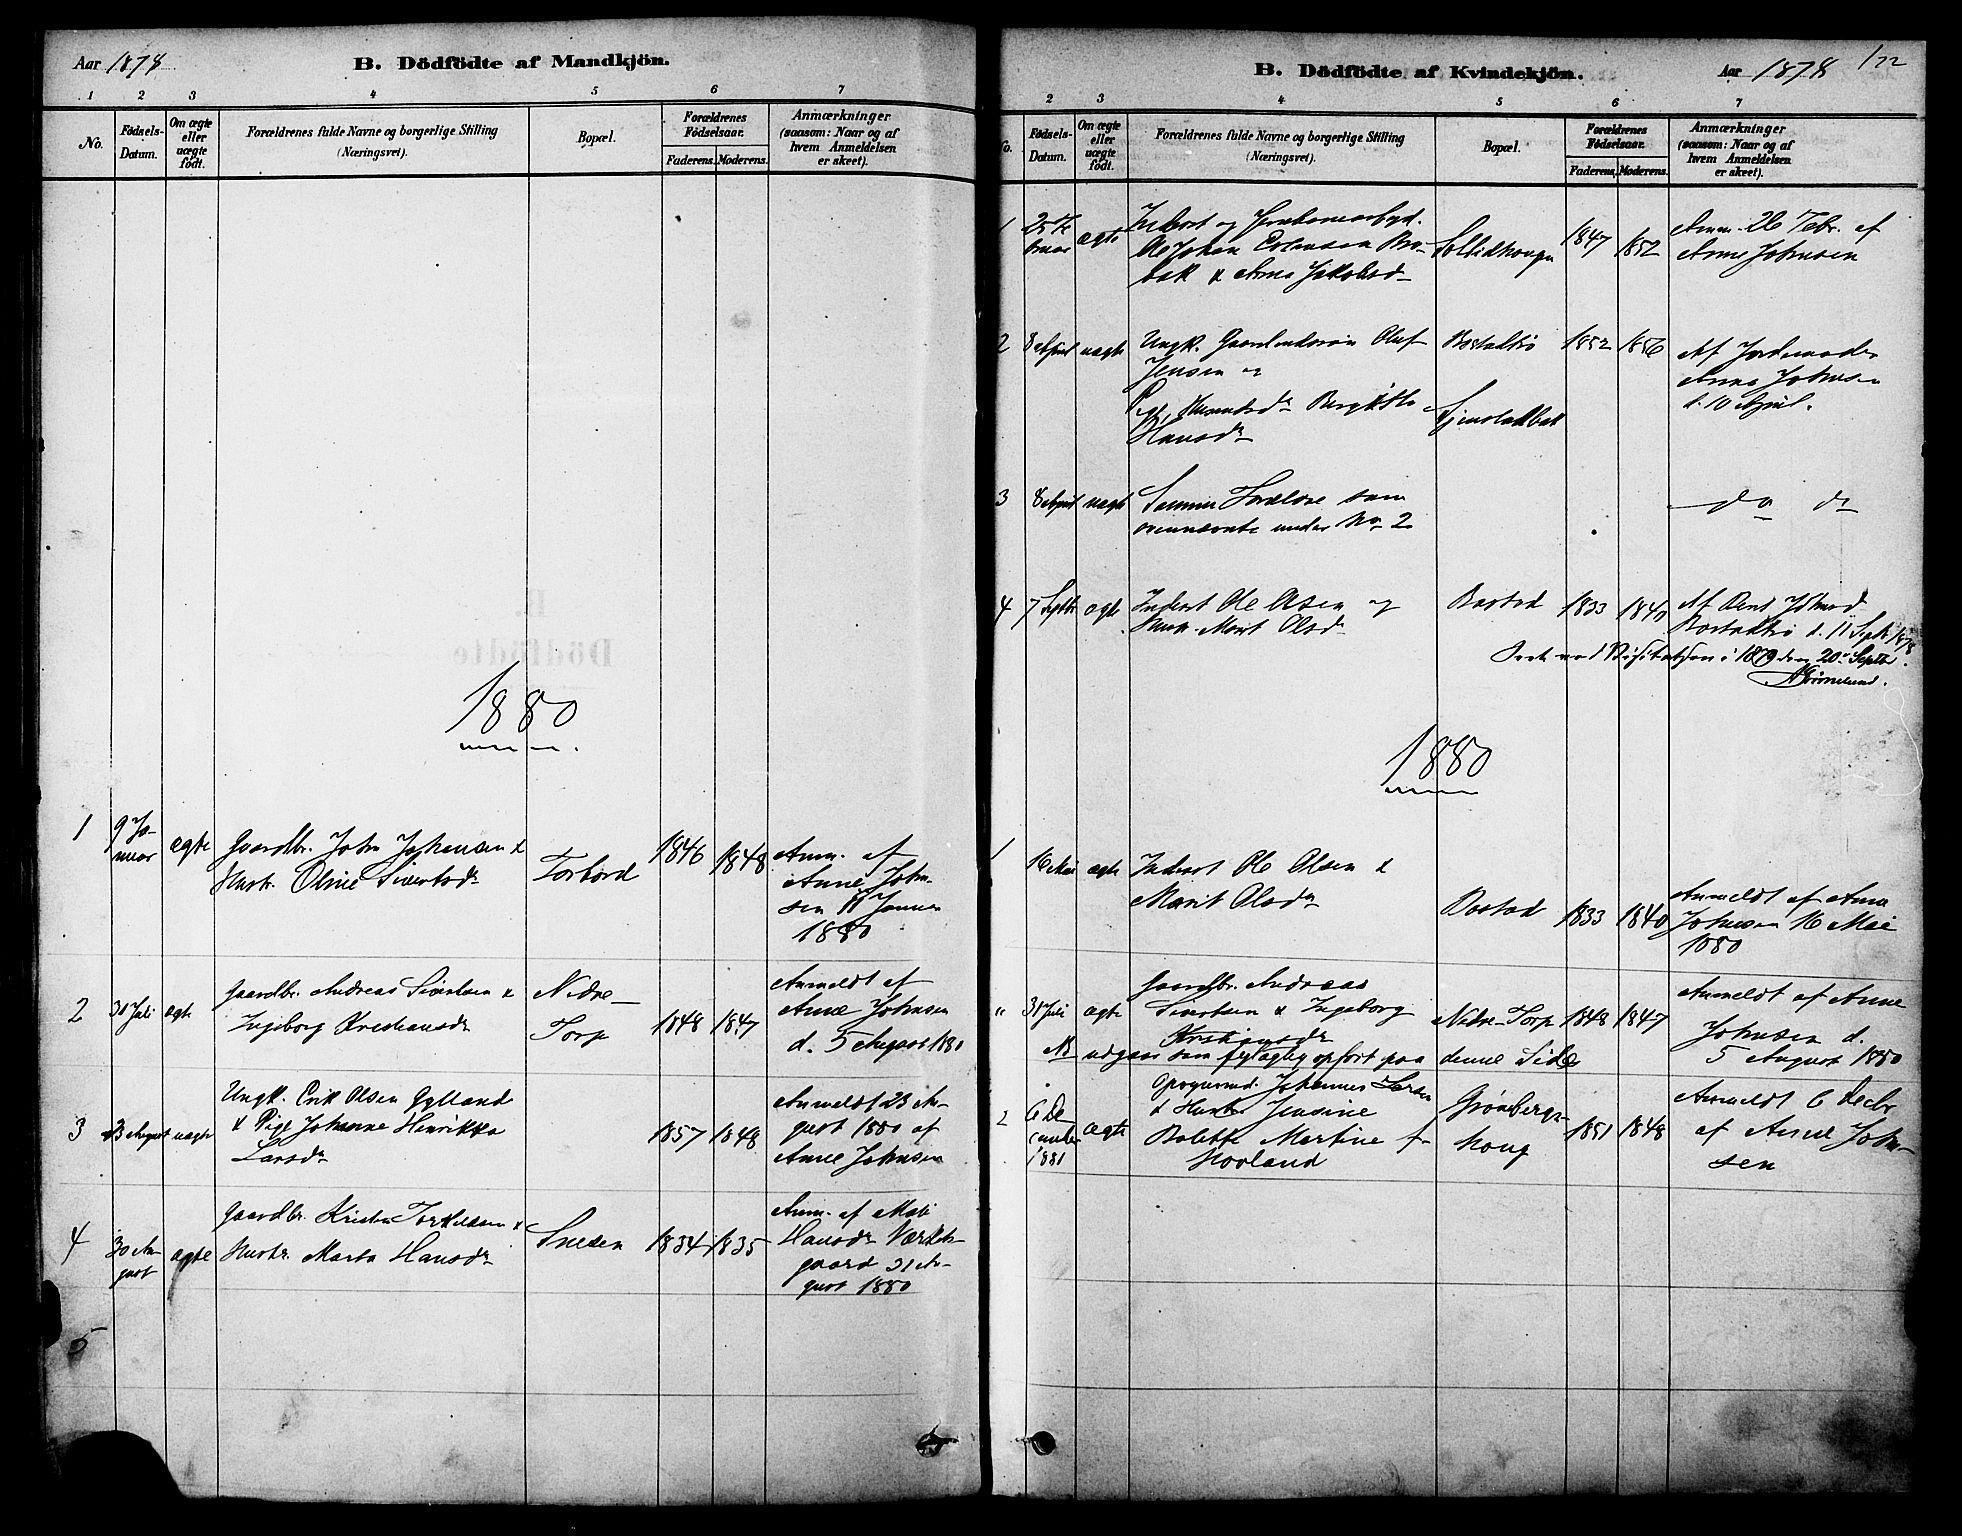 SAT, Ministerialprotokoller, klokkerbøker og fødselsregistre - Sør-Trøndelag, 616/L0410: Ministerialbok nr. 616A07, 1878-1893, s. 122